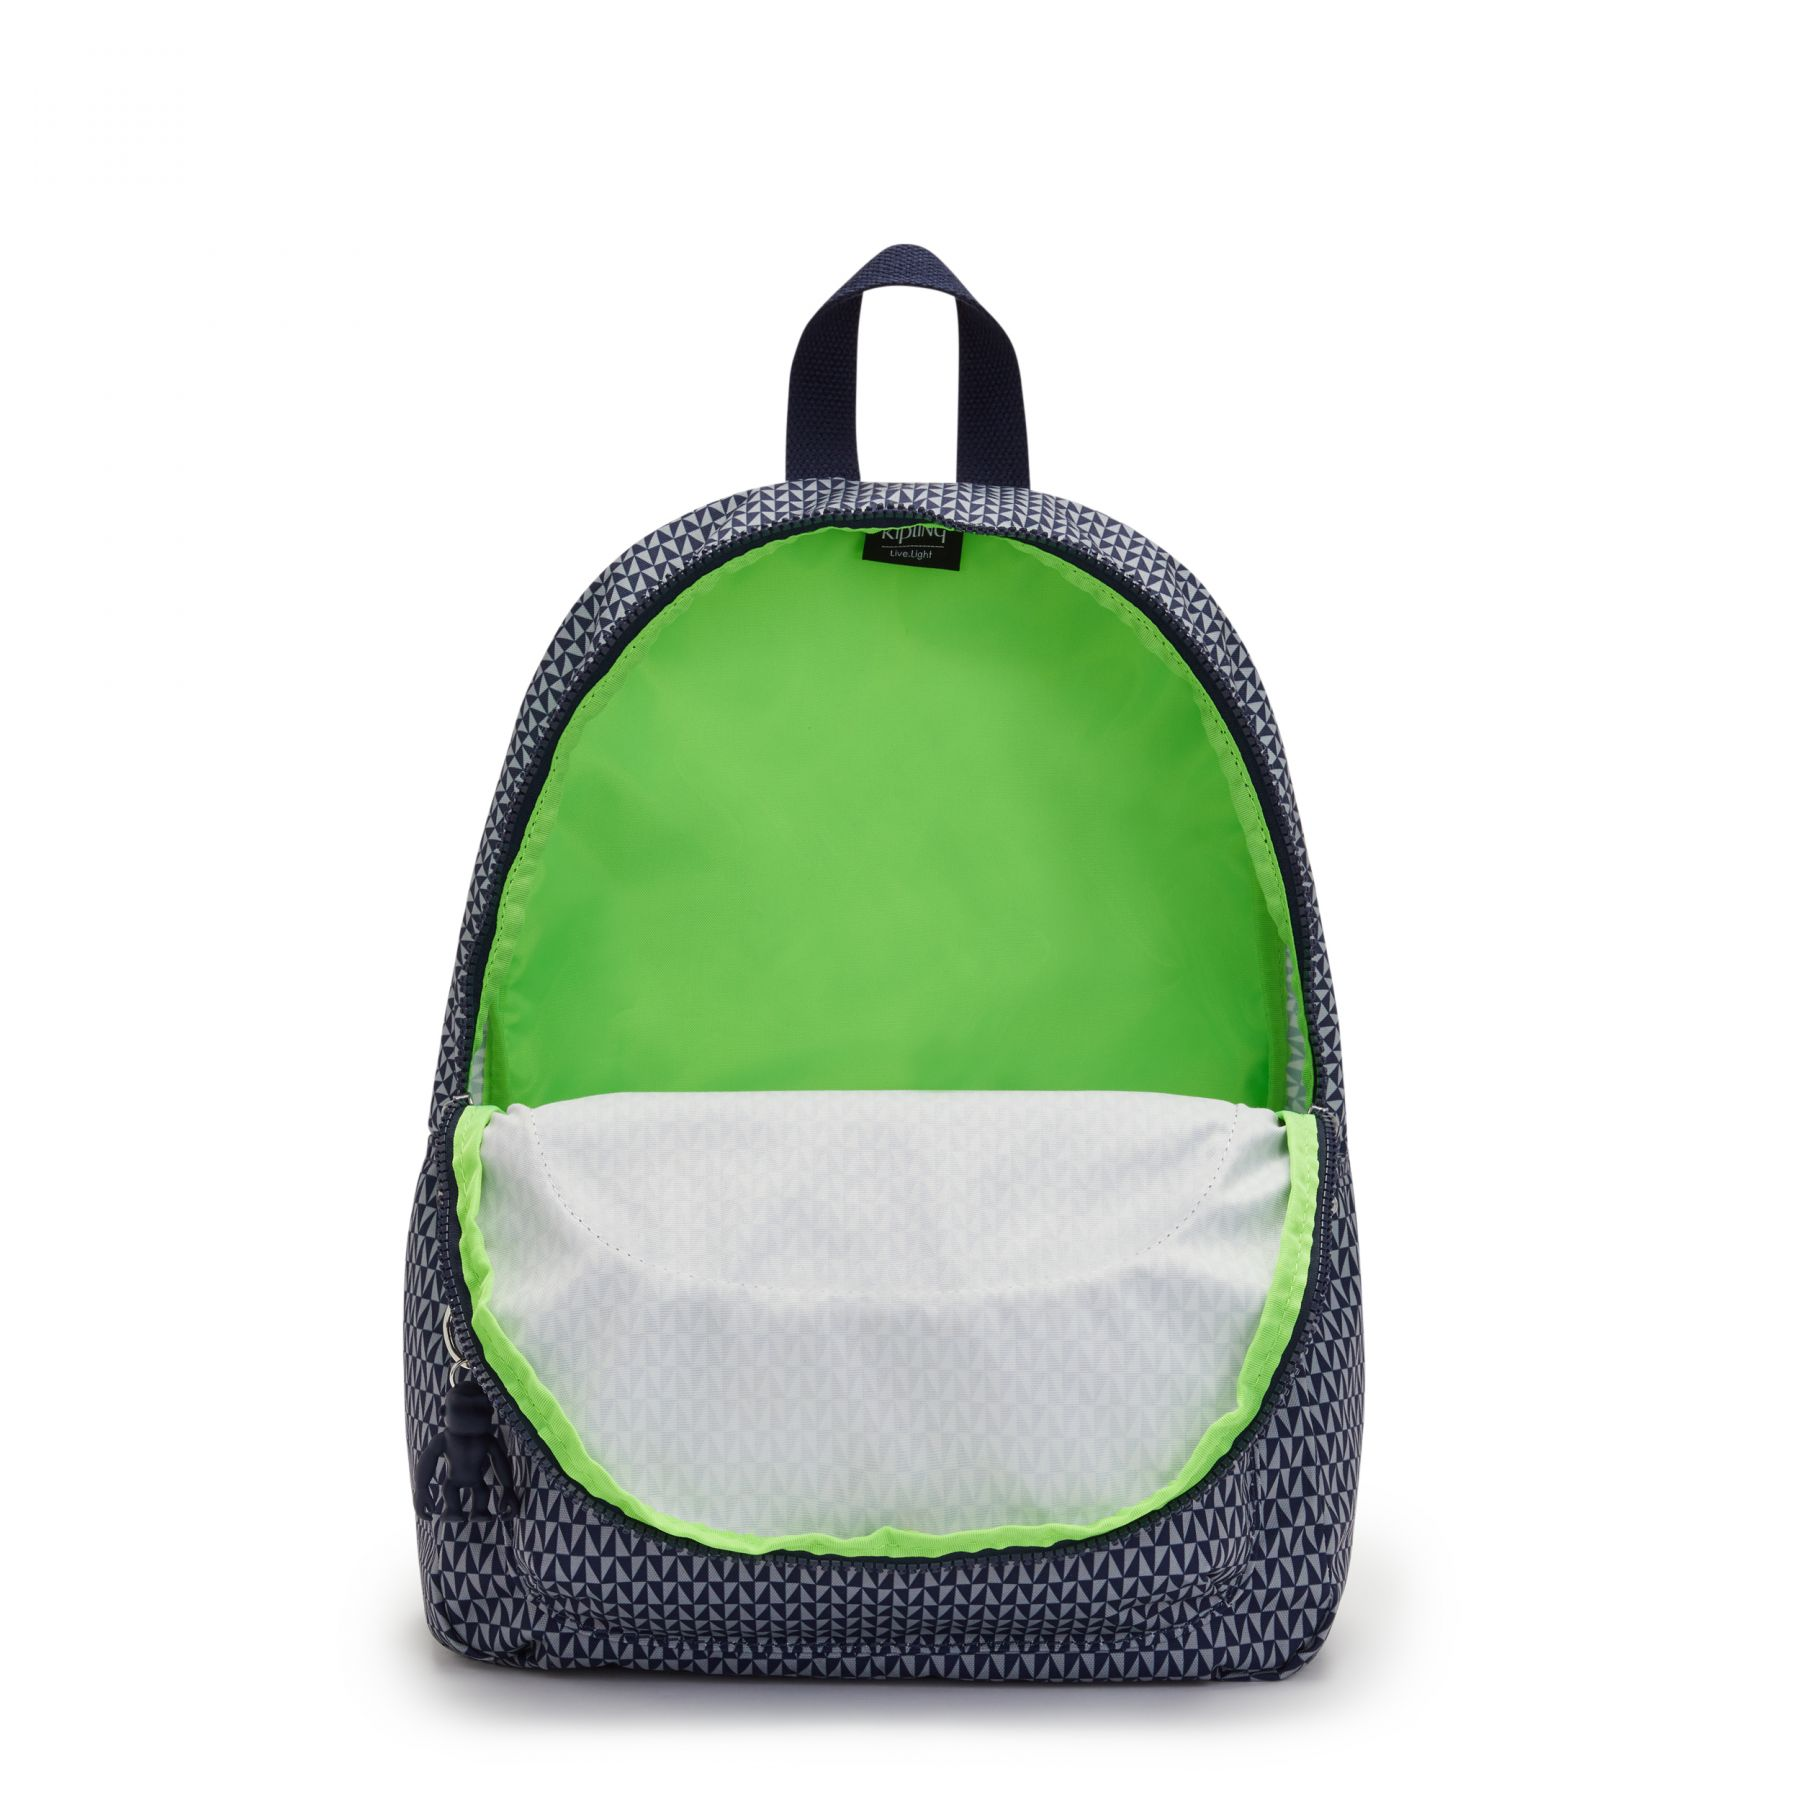 CURTIS M SCHOOL BAGS by Kipling - Inside view